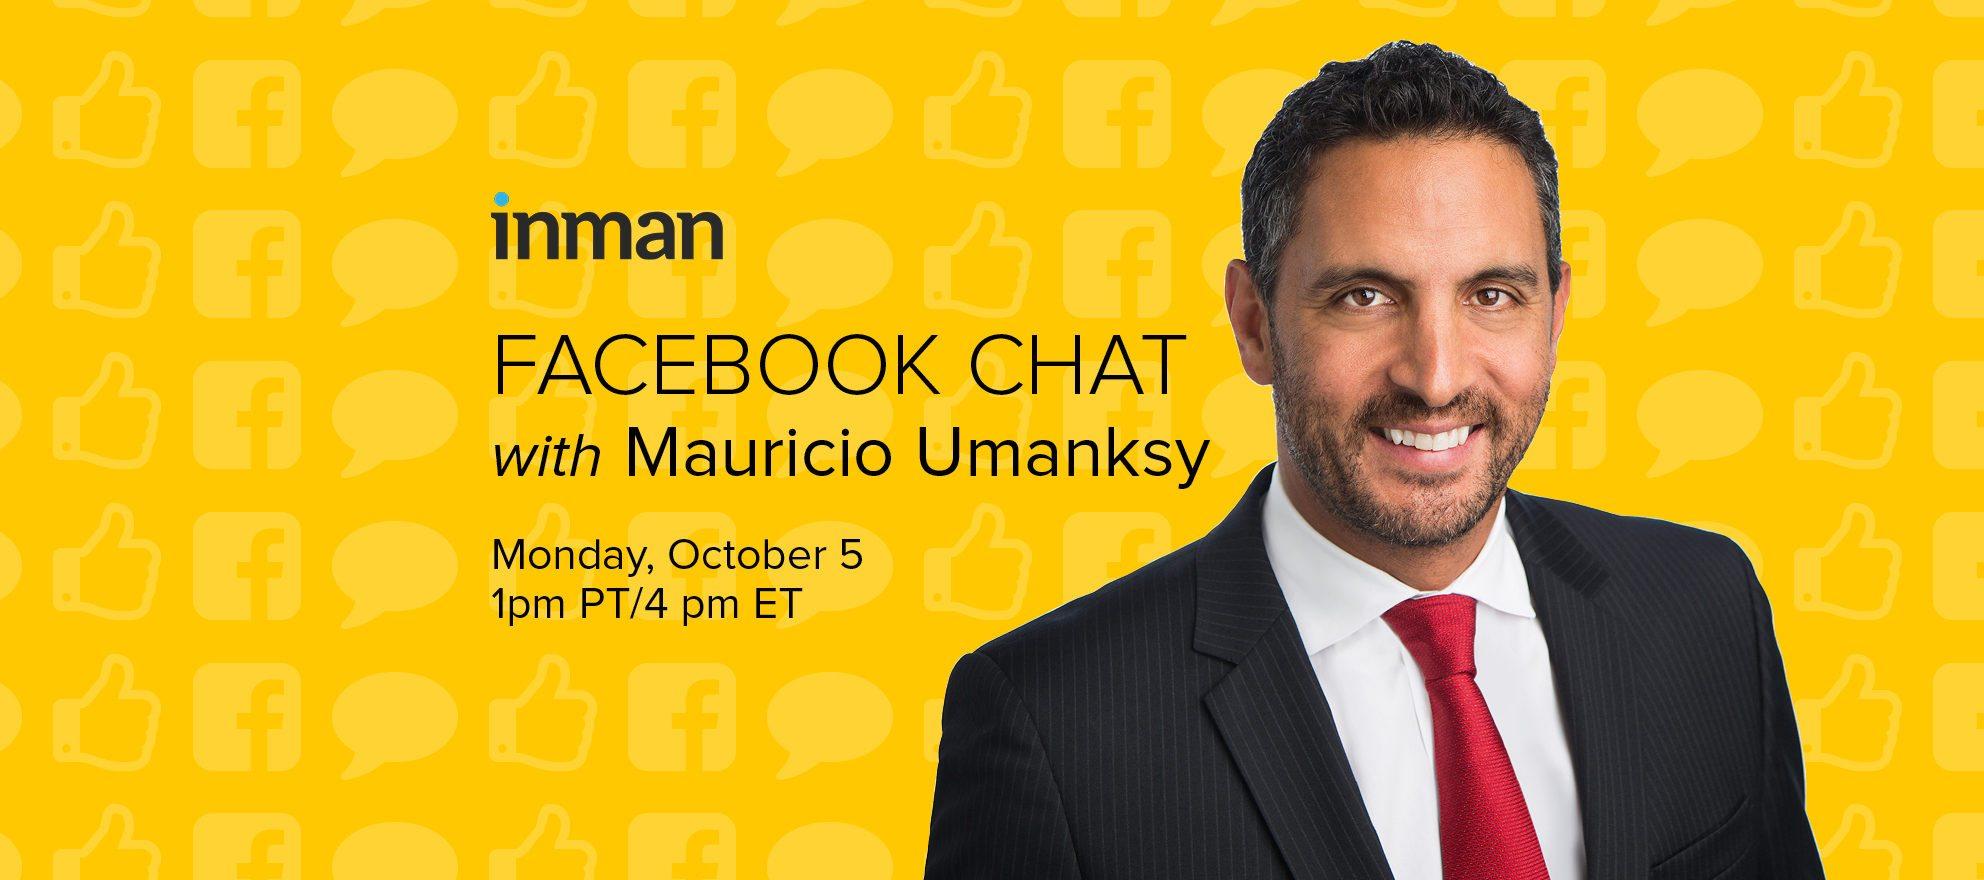 Ask Mauricio Umansky anything